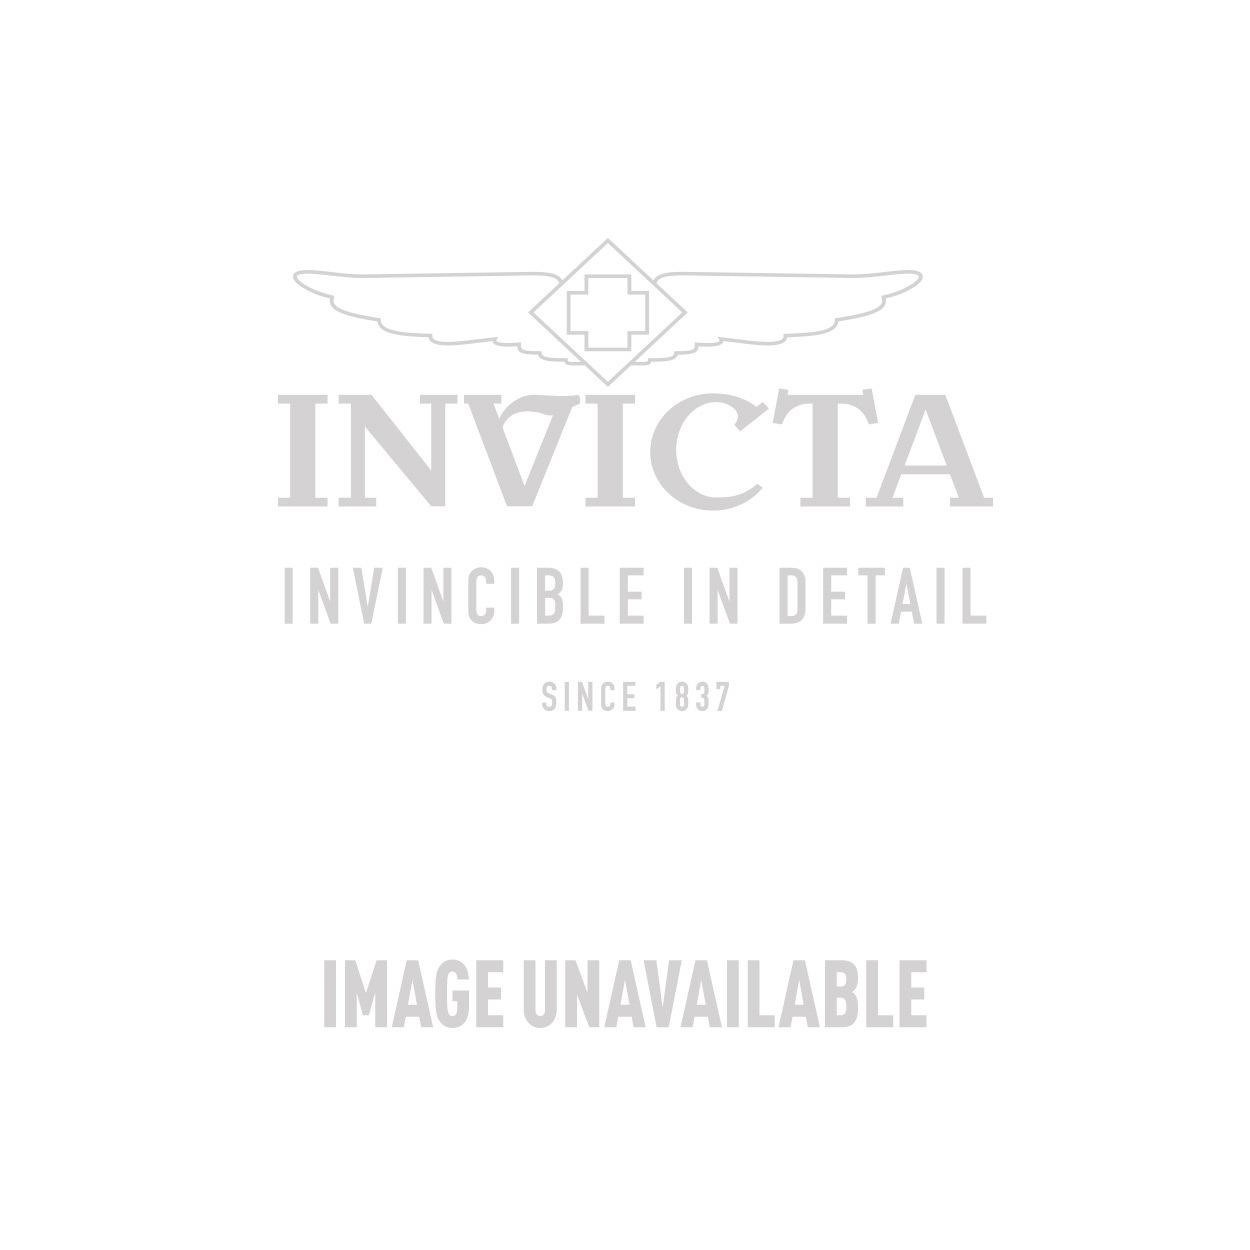 Invicta Model 24151